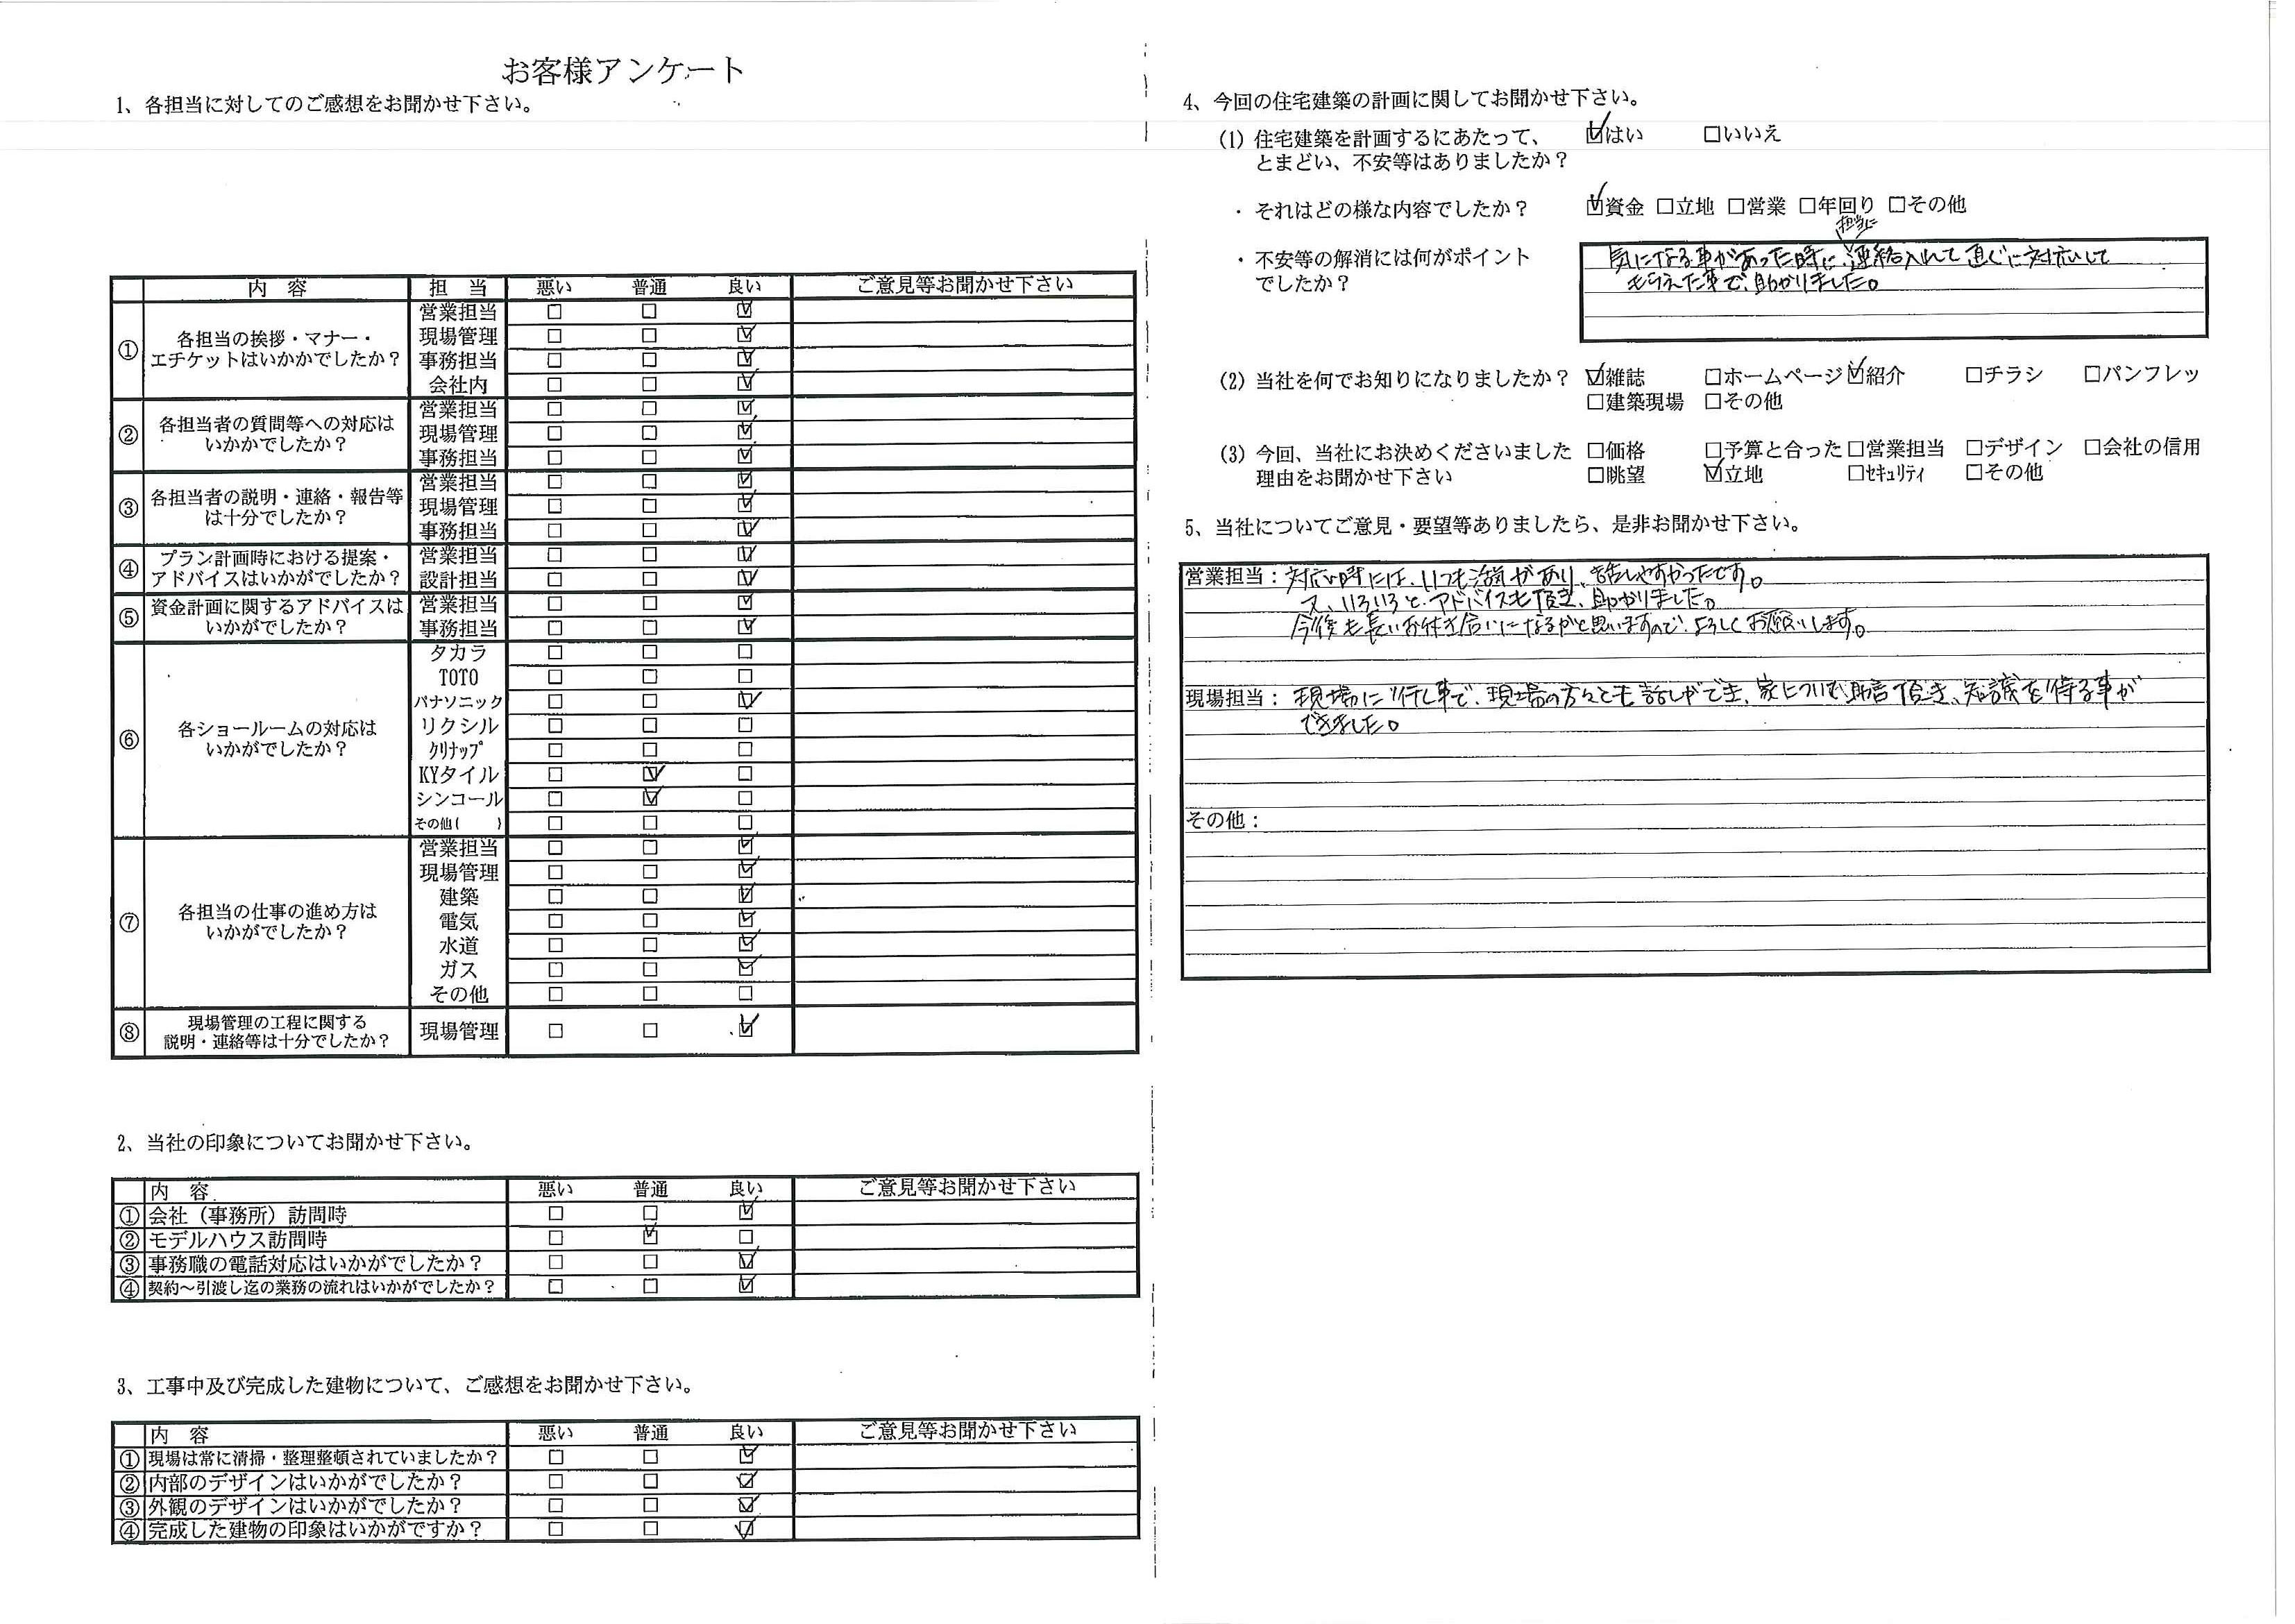 20170620_お客様アンケート